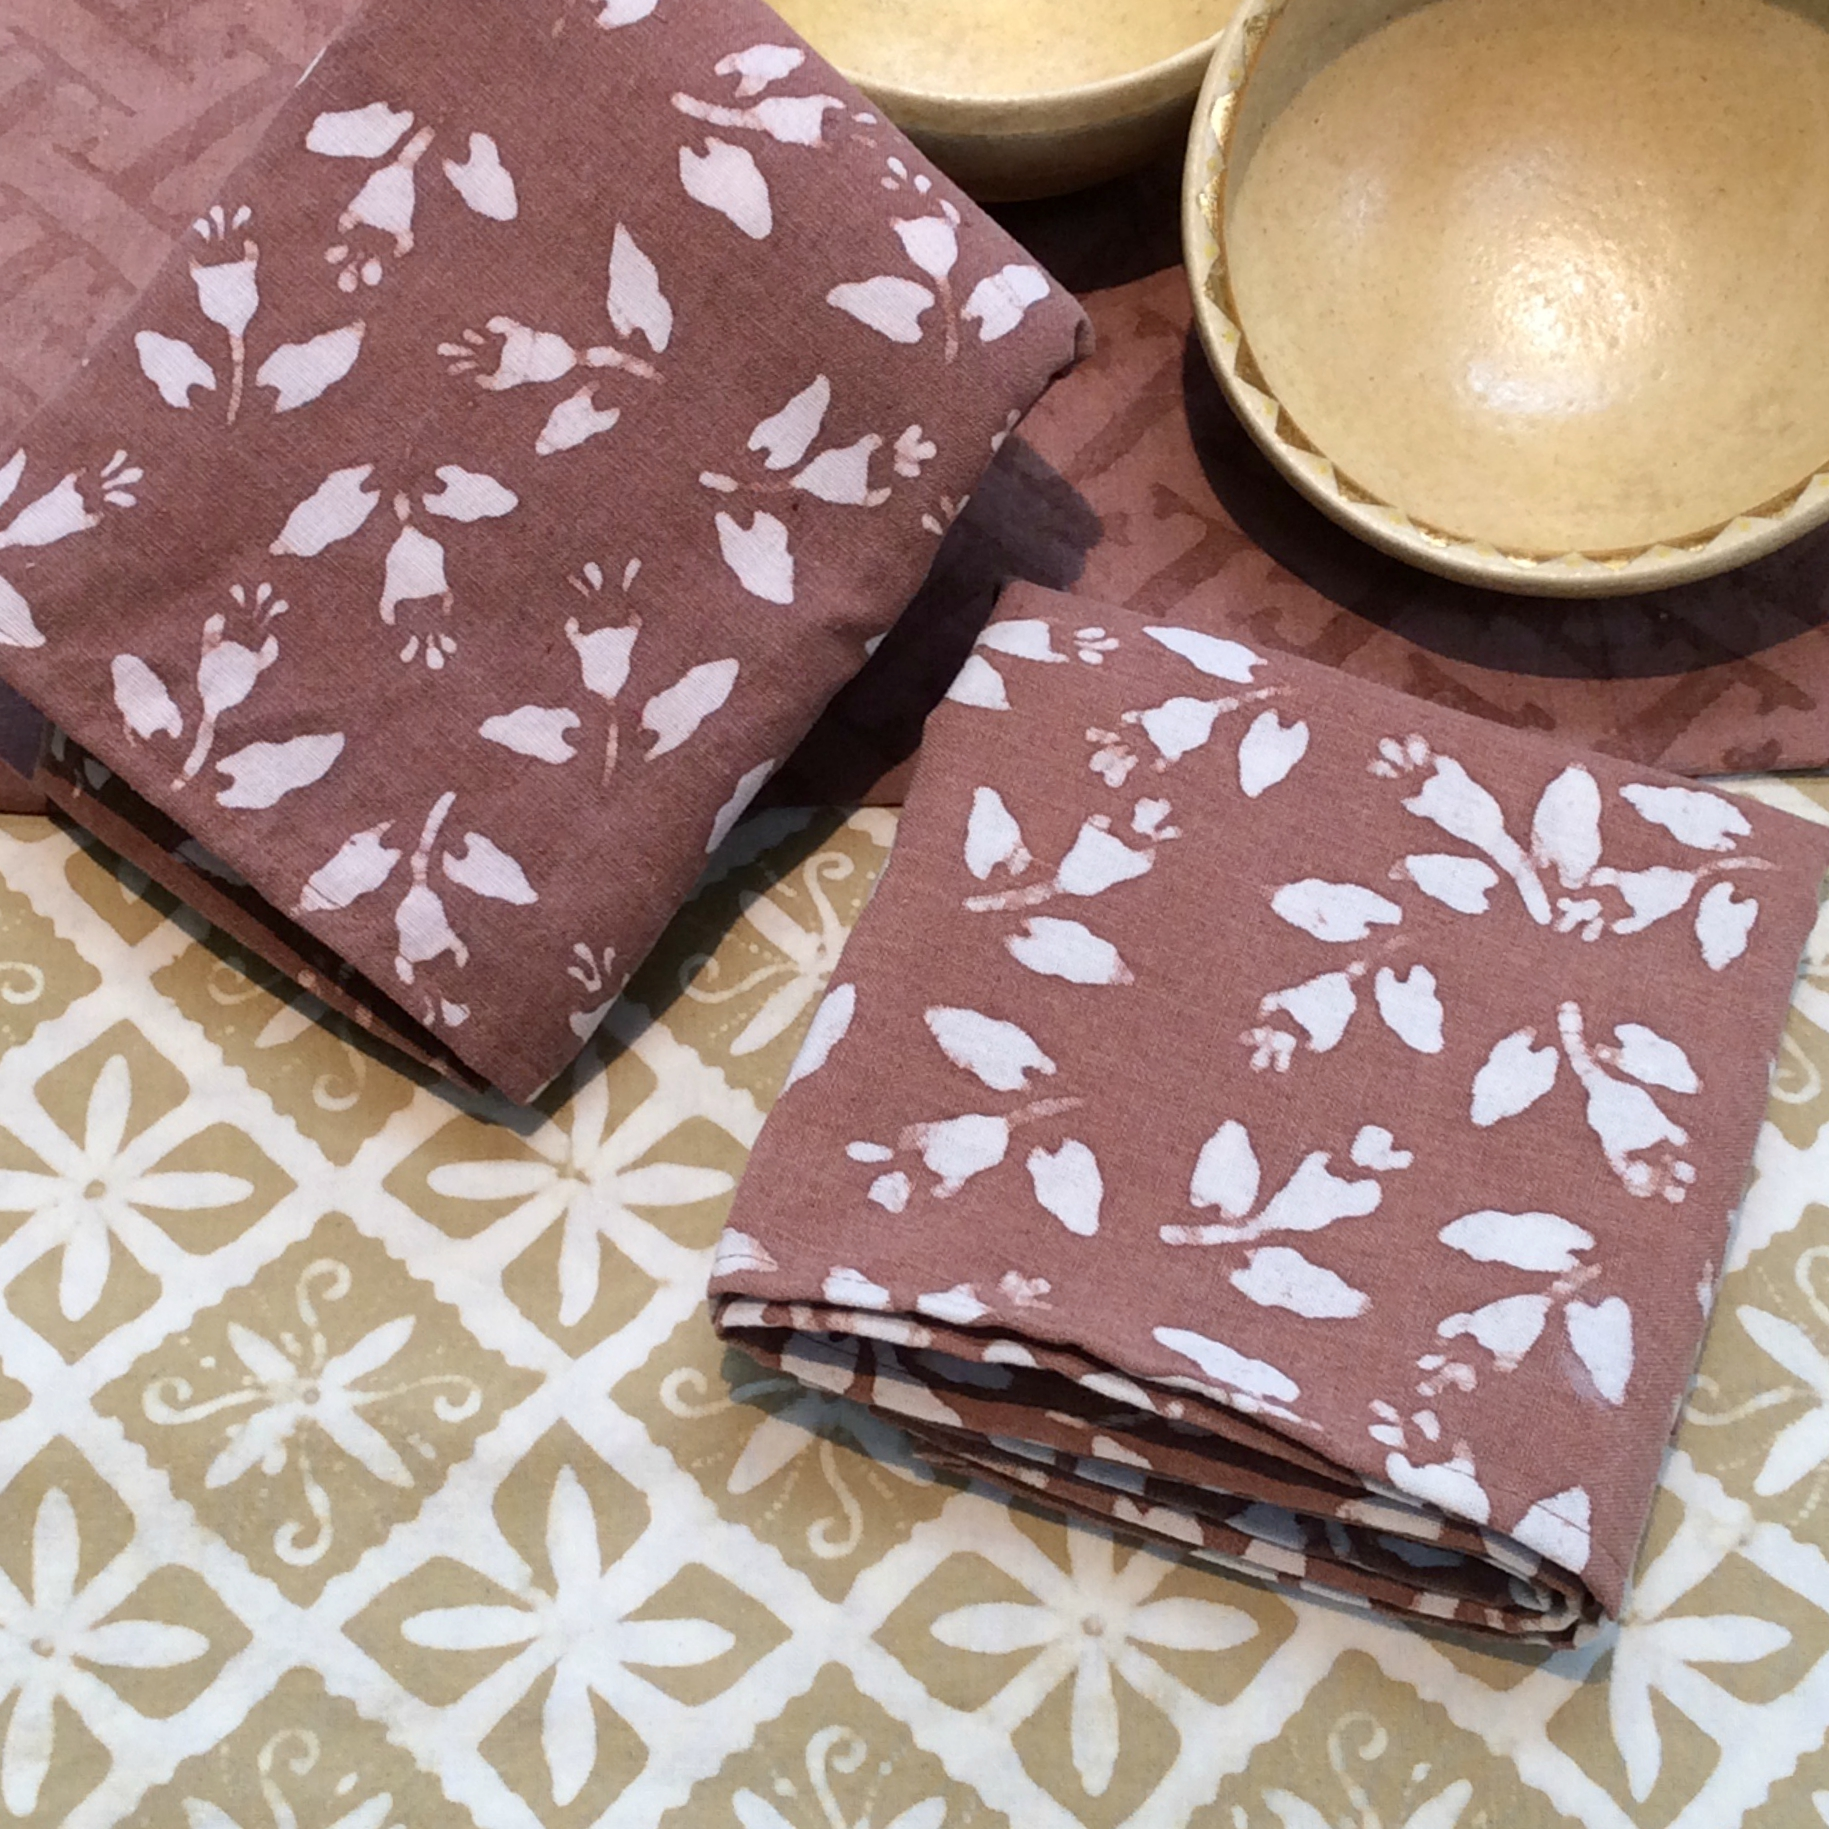 Clove Flower Napkins & Sand Diamond Batik Runner